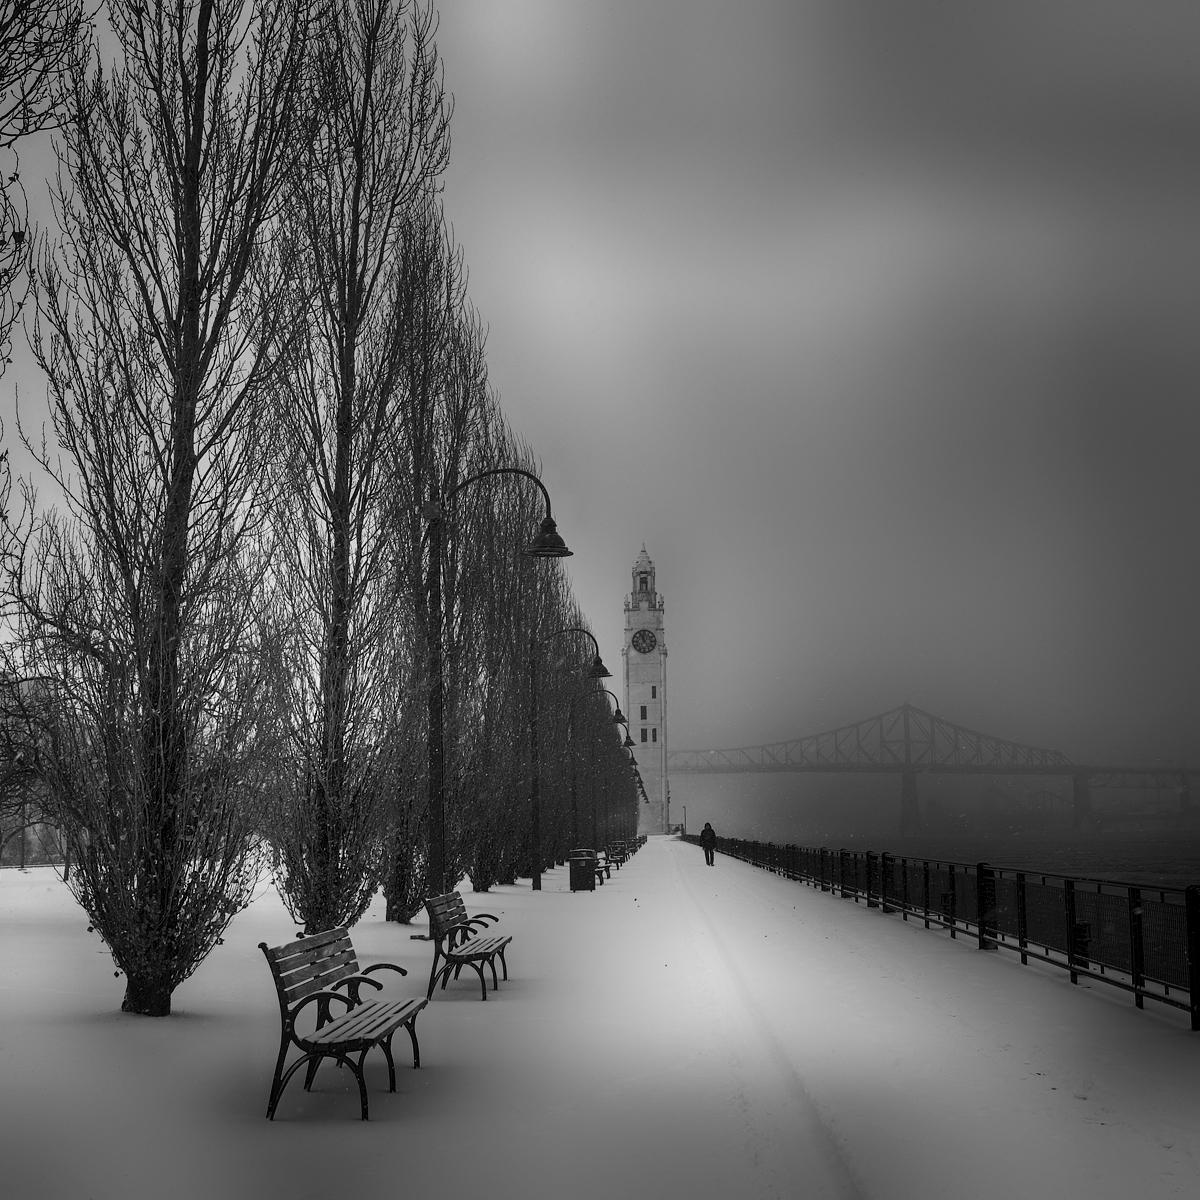 Tour de l'horloge Montréa, pont Jacques-Cartier, hiver